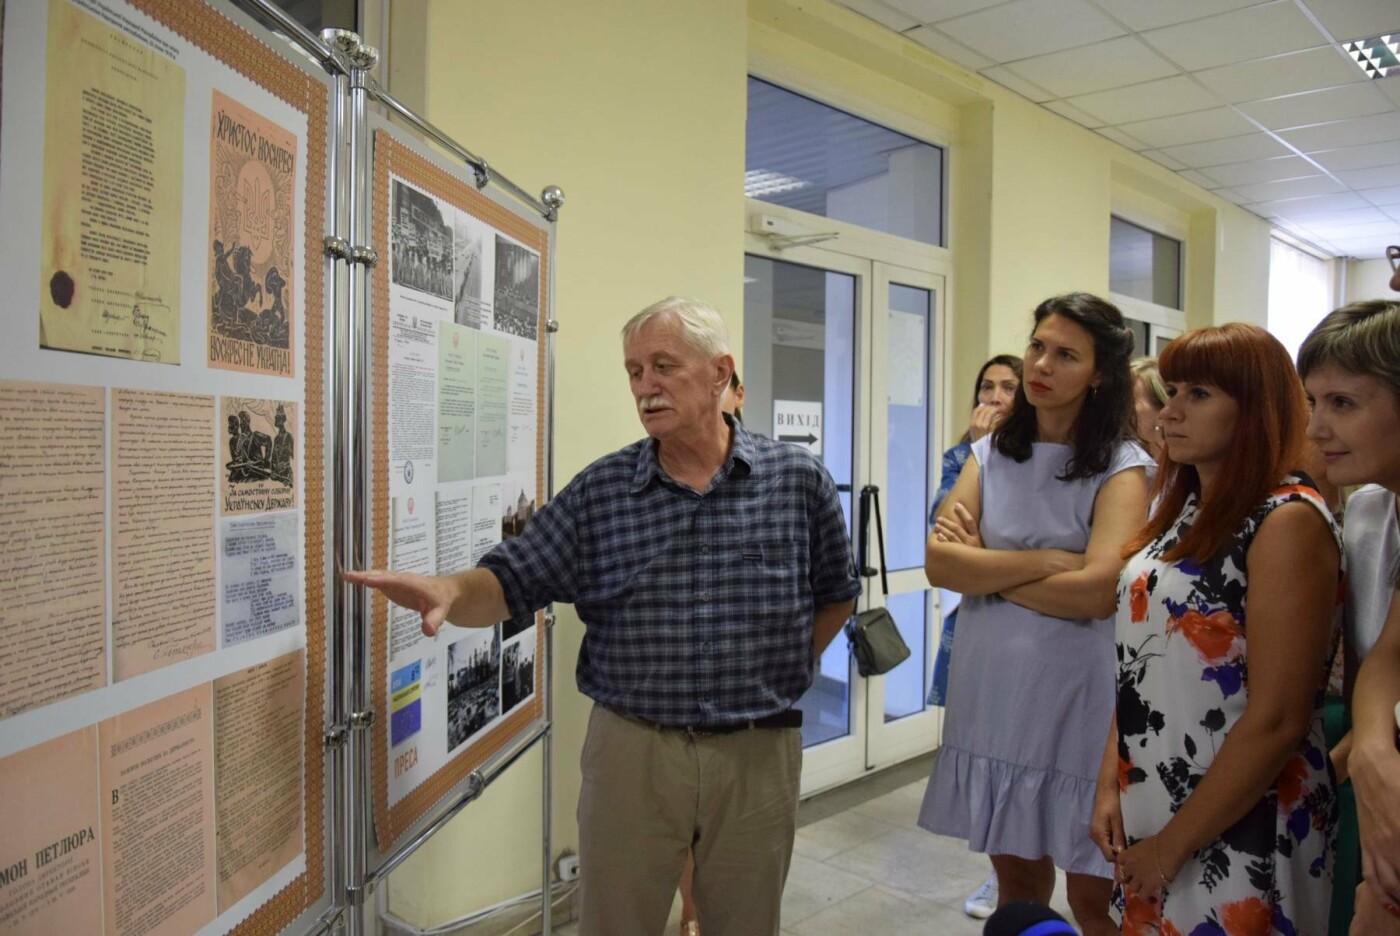 «Слава Украине! Героям Слава!»: каменчанам покажут газету с первой публикацией исторического лозунга, фото-3